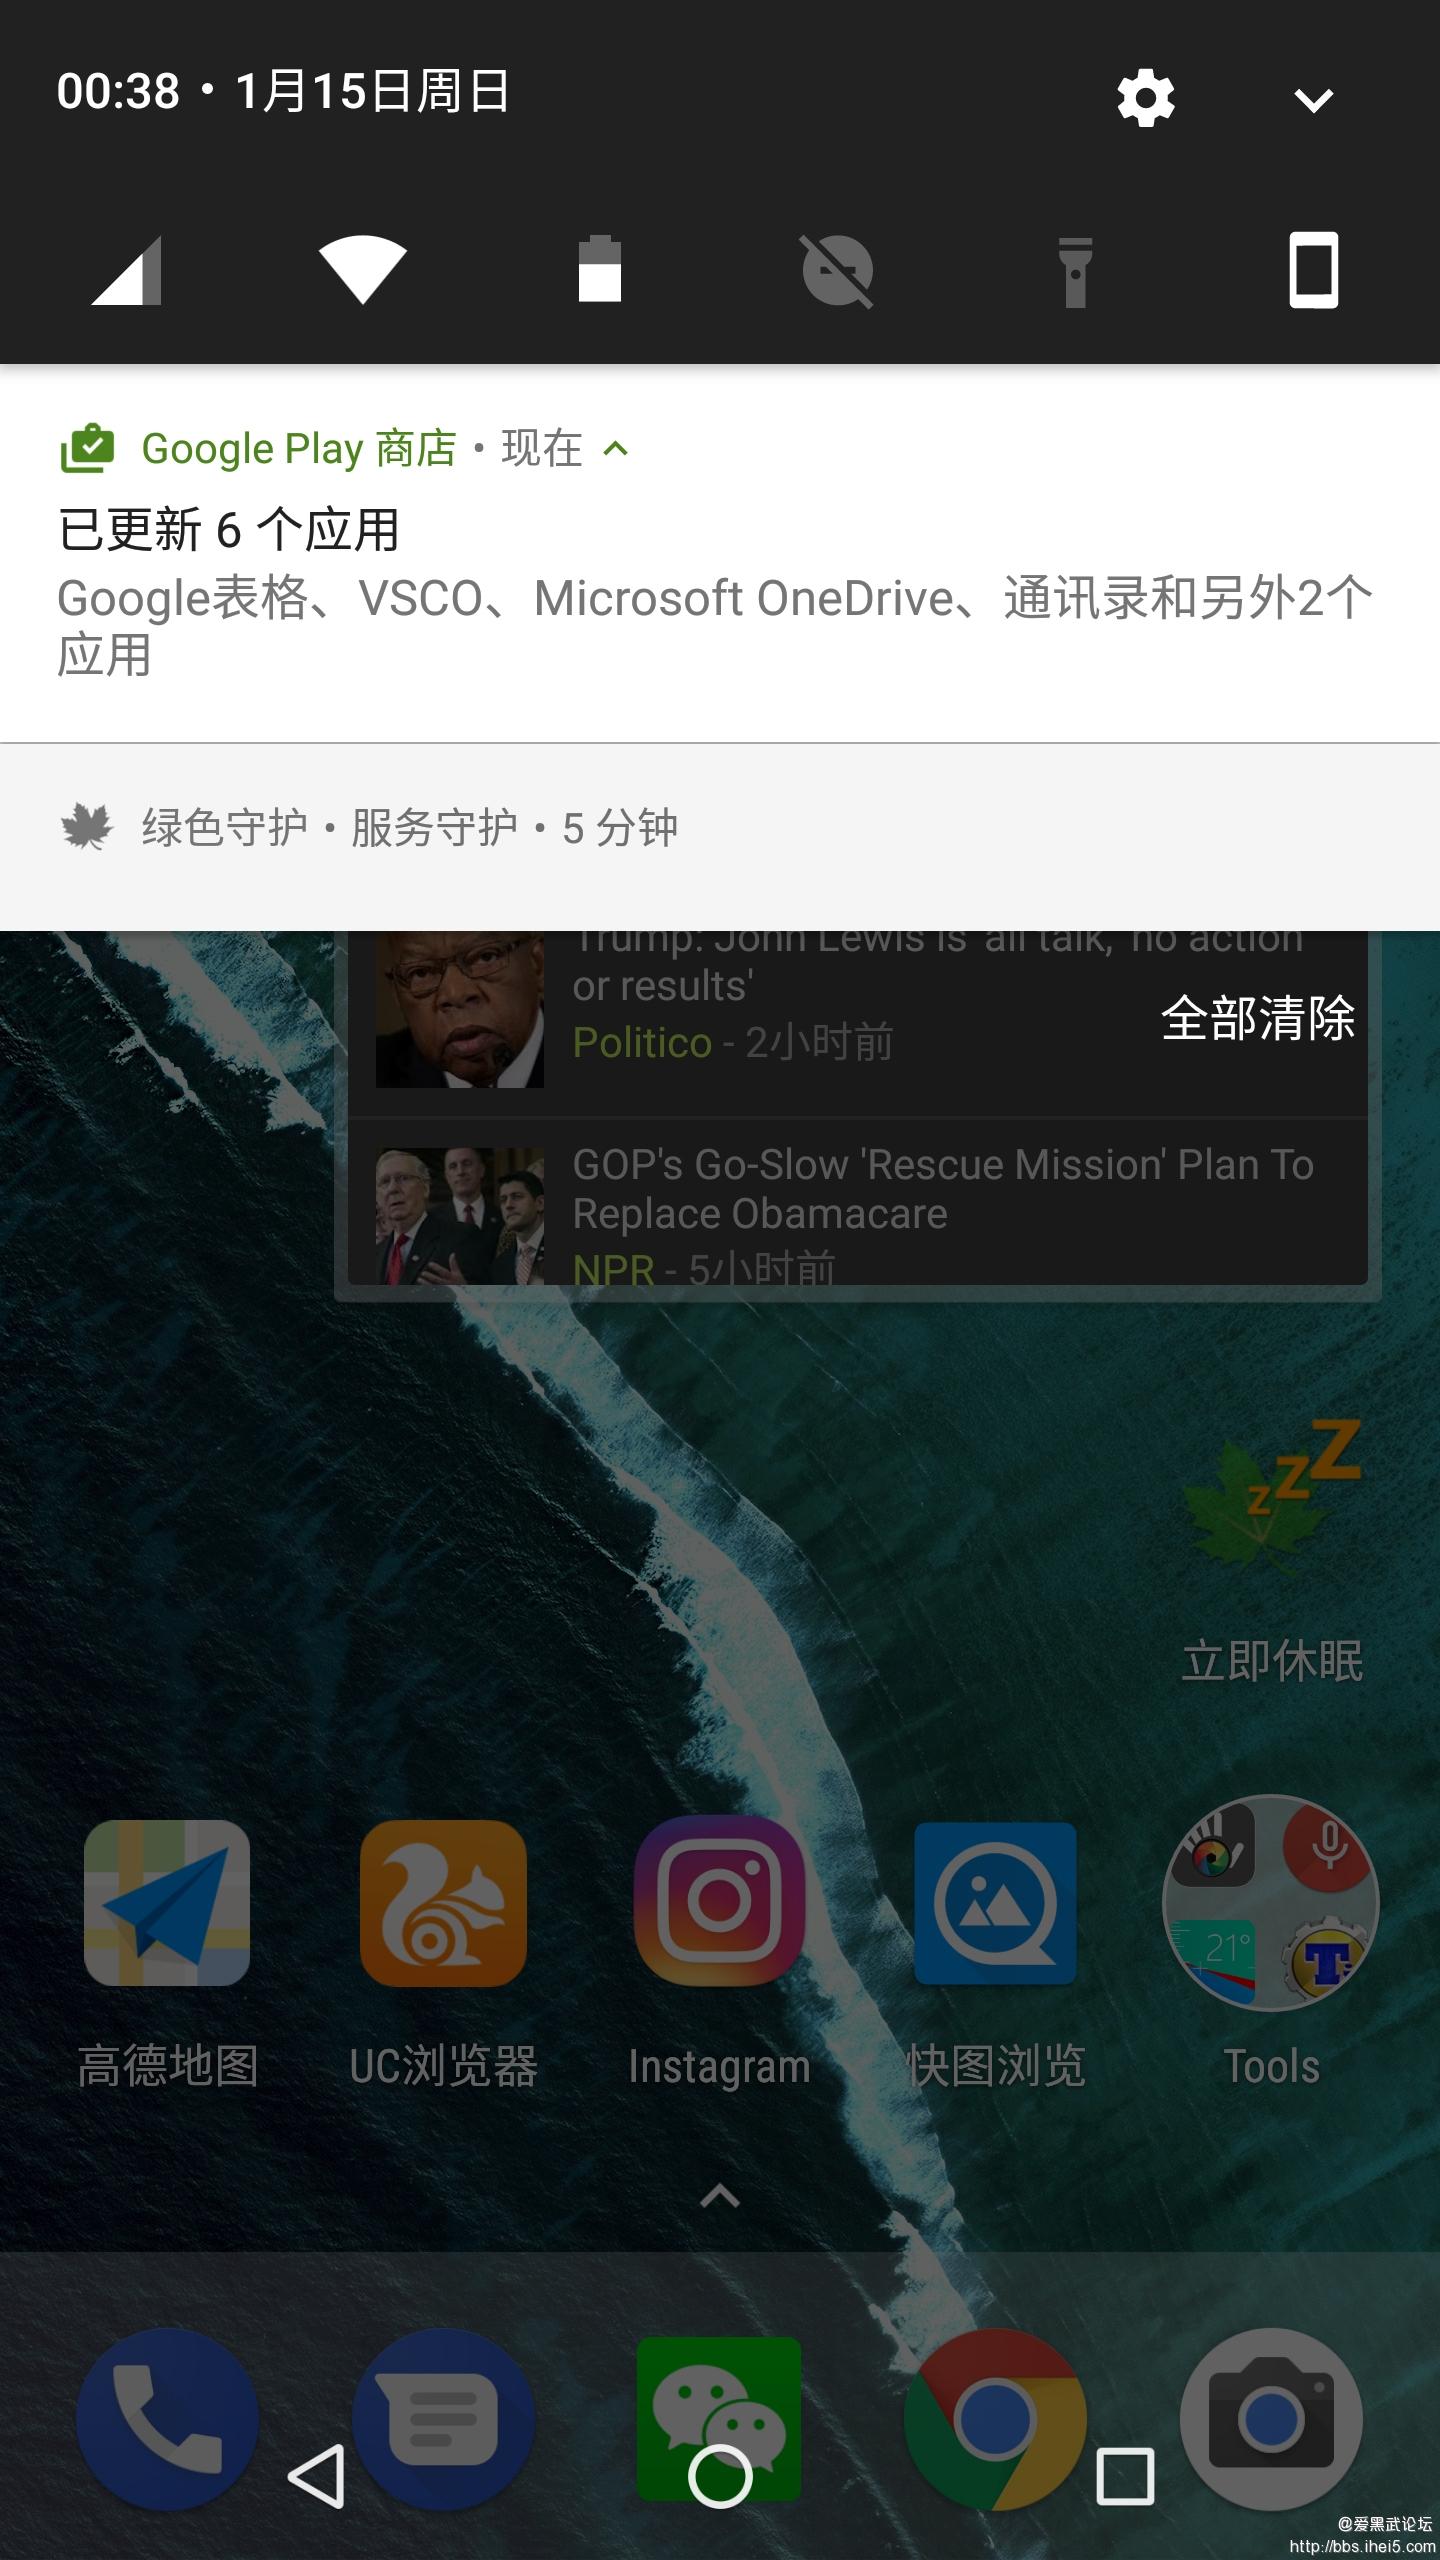 Screenshot_20170115-003810.jpg